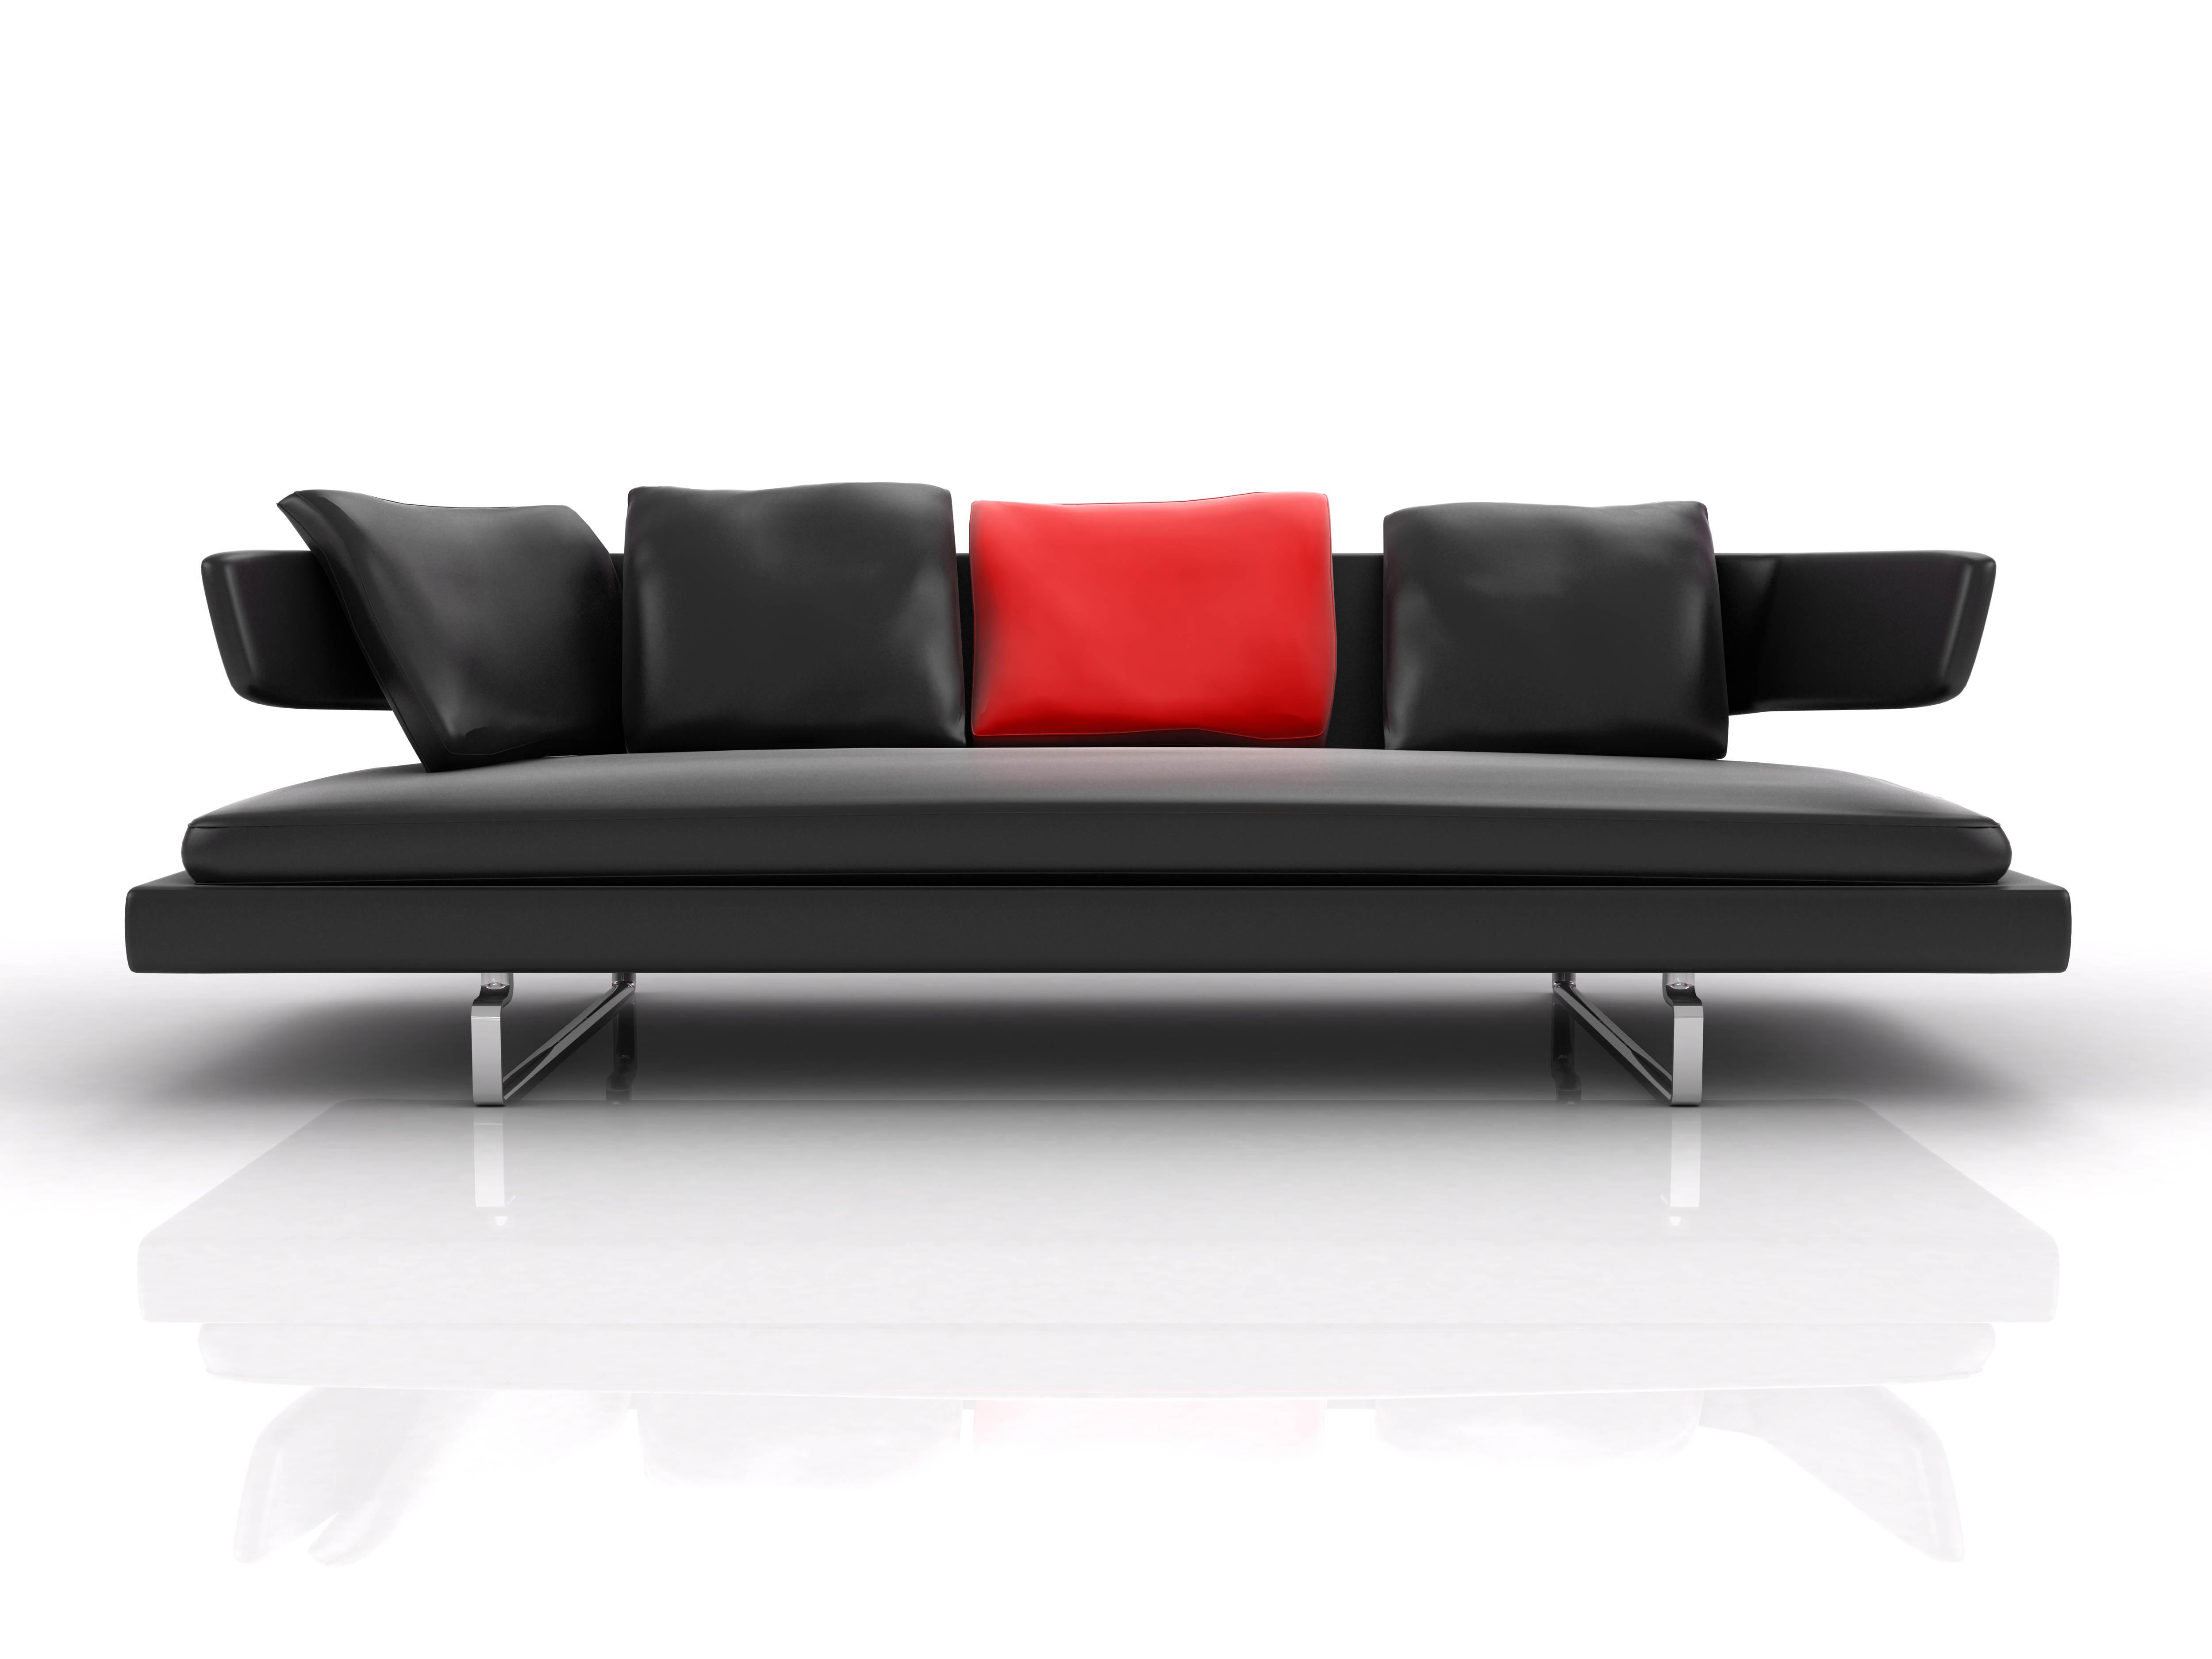 Hintergrundbilder : Tabelle, weißer Hintergrund, Couch, Leder, Sofa ...